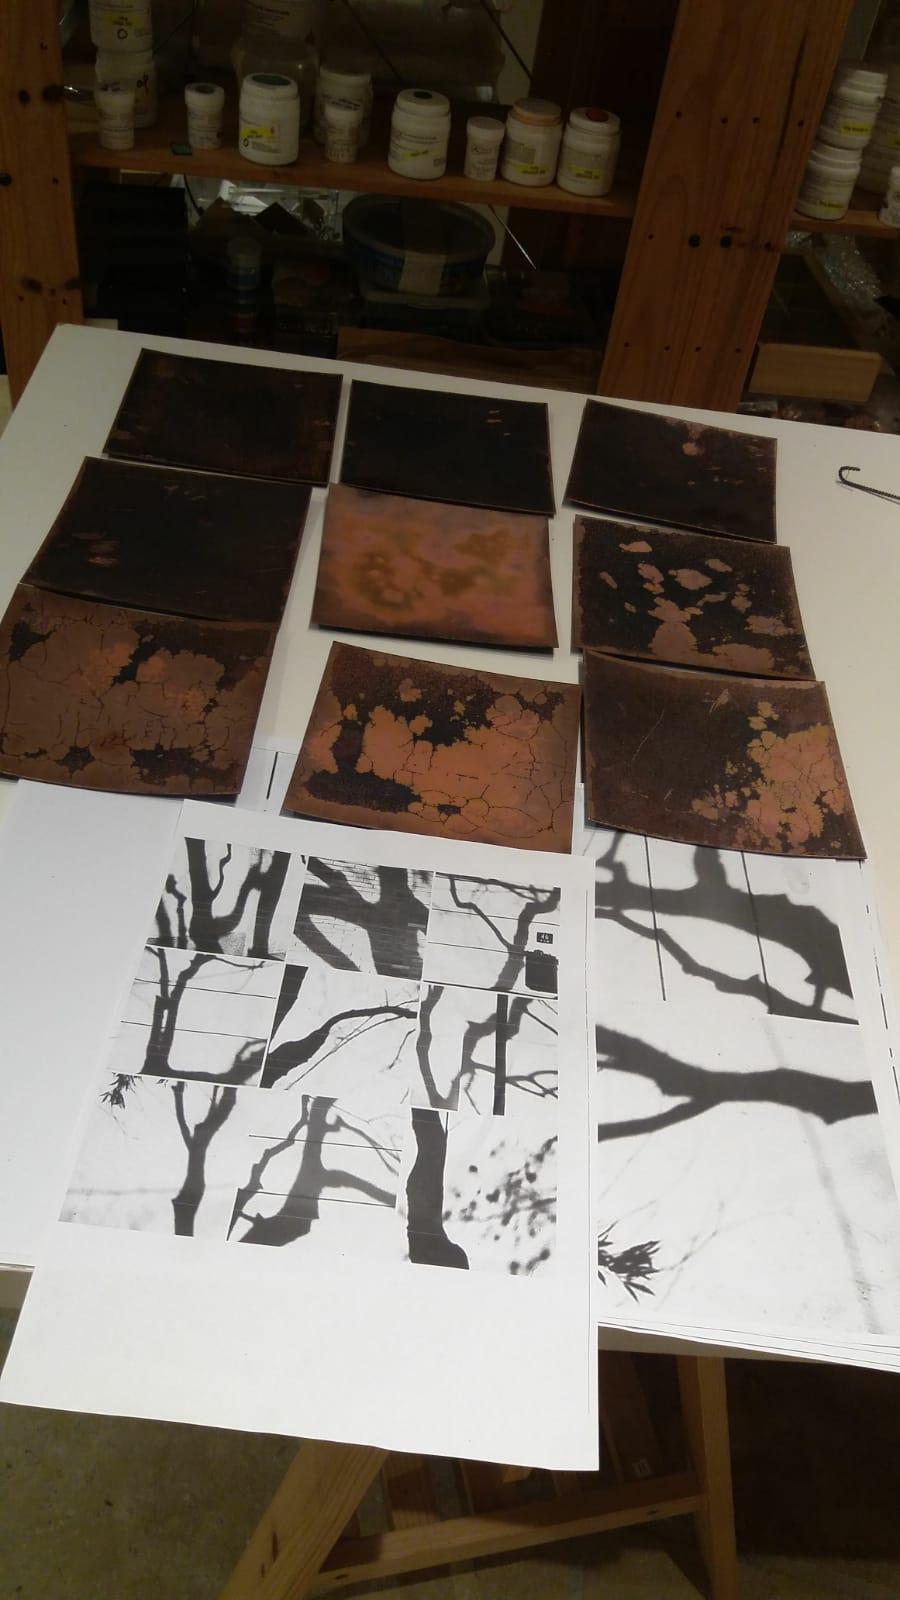 prépartaion des plaques d ecuivre pour les photos des 9 ombres d'arbres